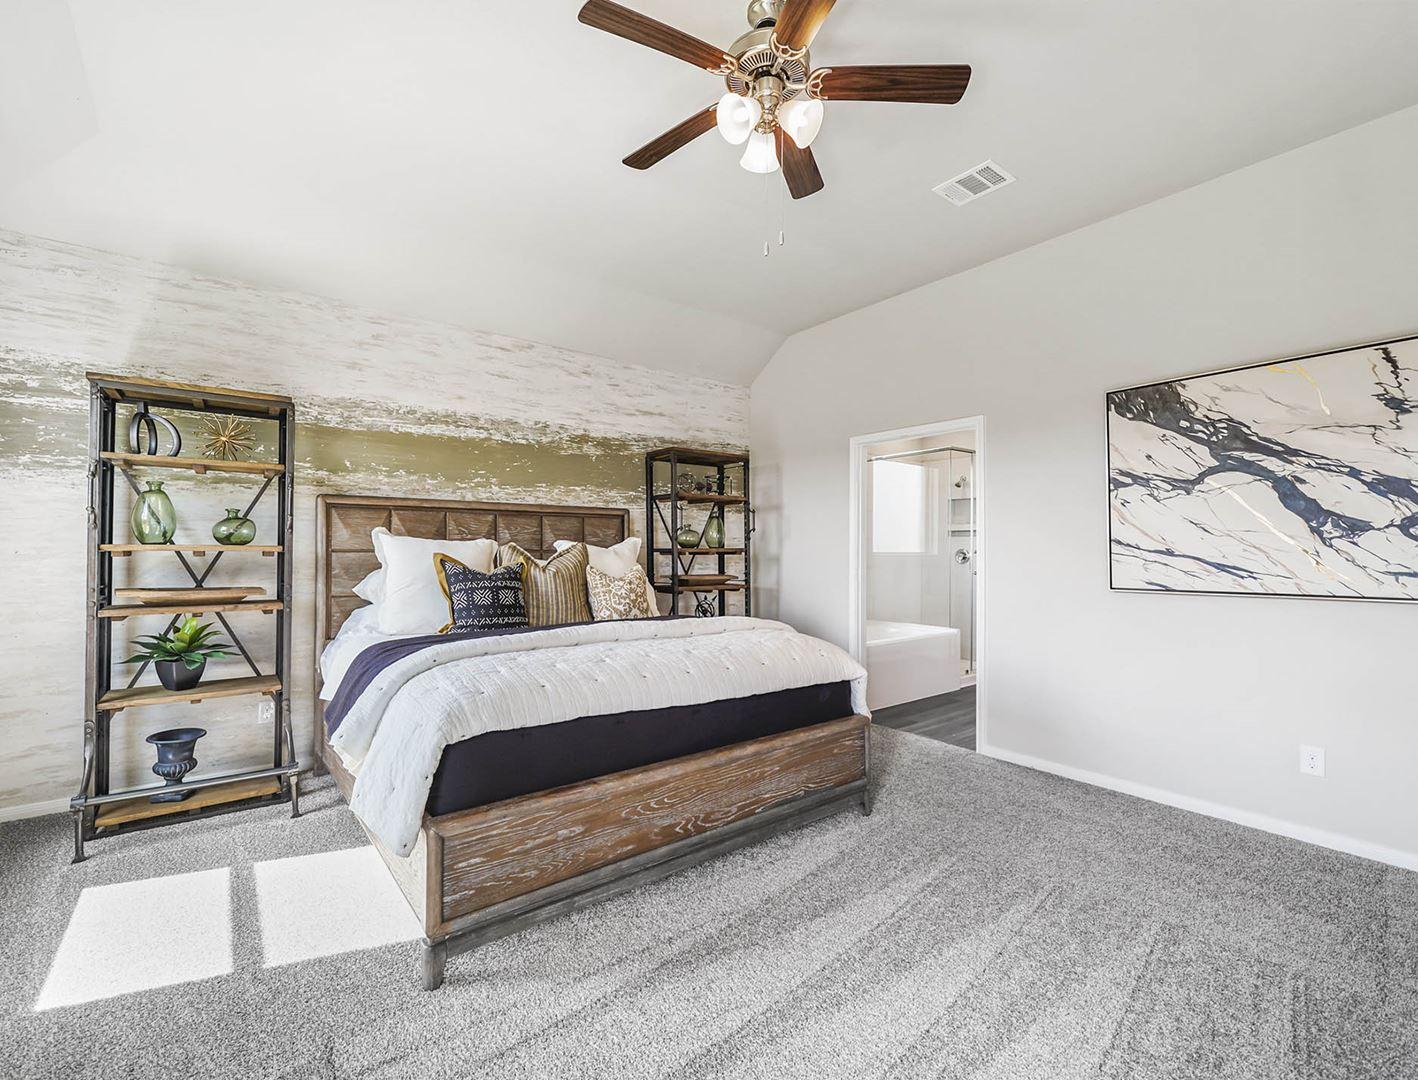 Fairwater_Bedroom